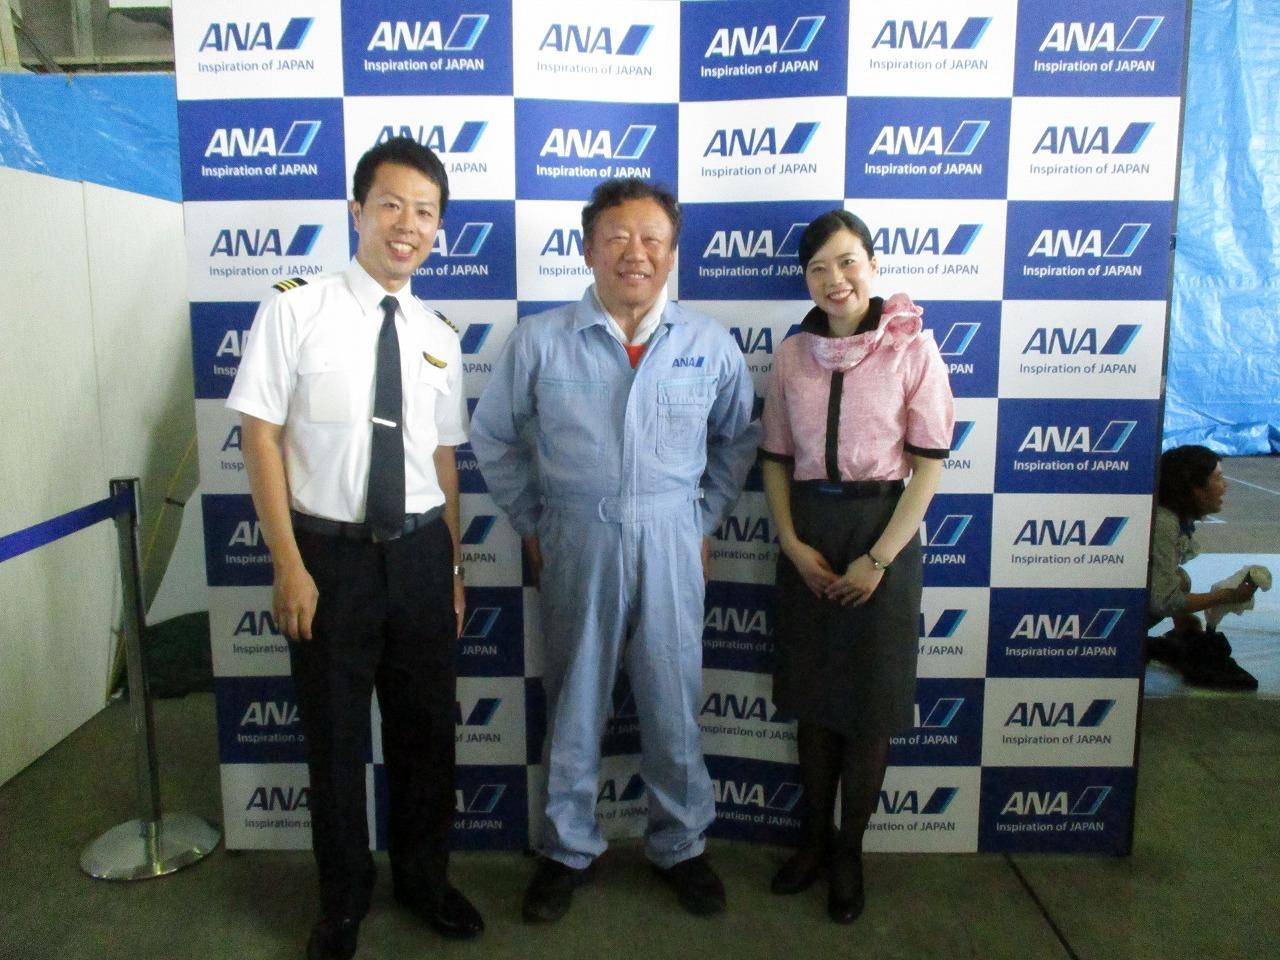 会場内いろいろなサービス/小松航空祭_b0163804_17174174.jpg